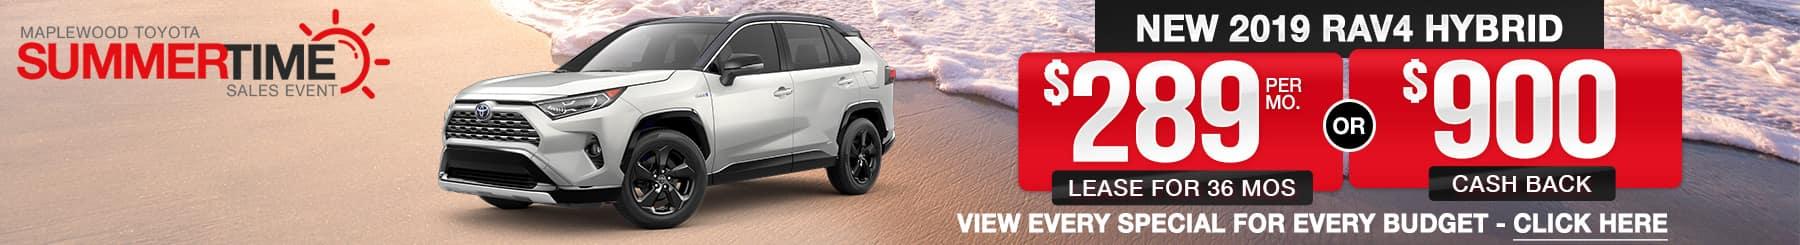 Toyota RAV4 Hybrid For Sale